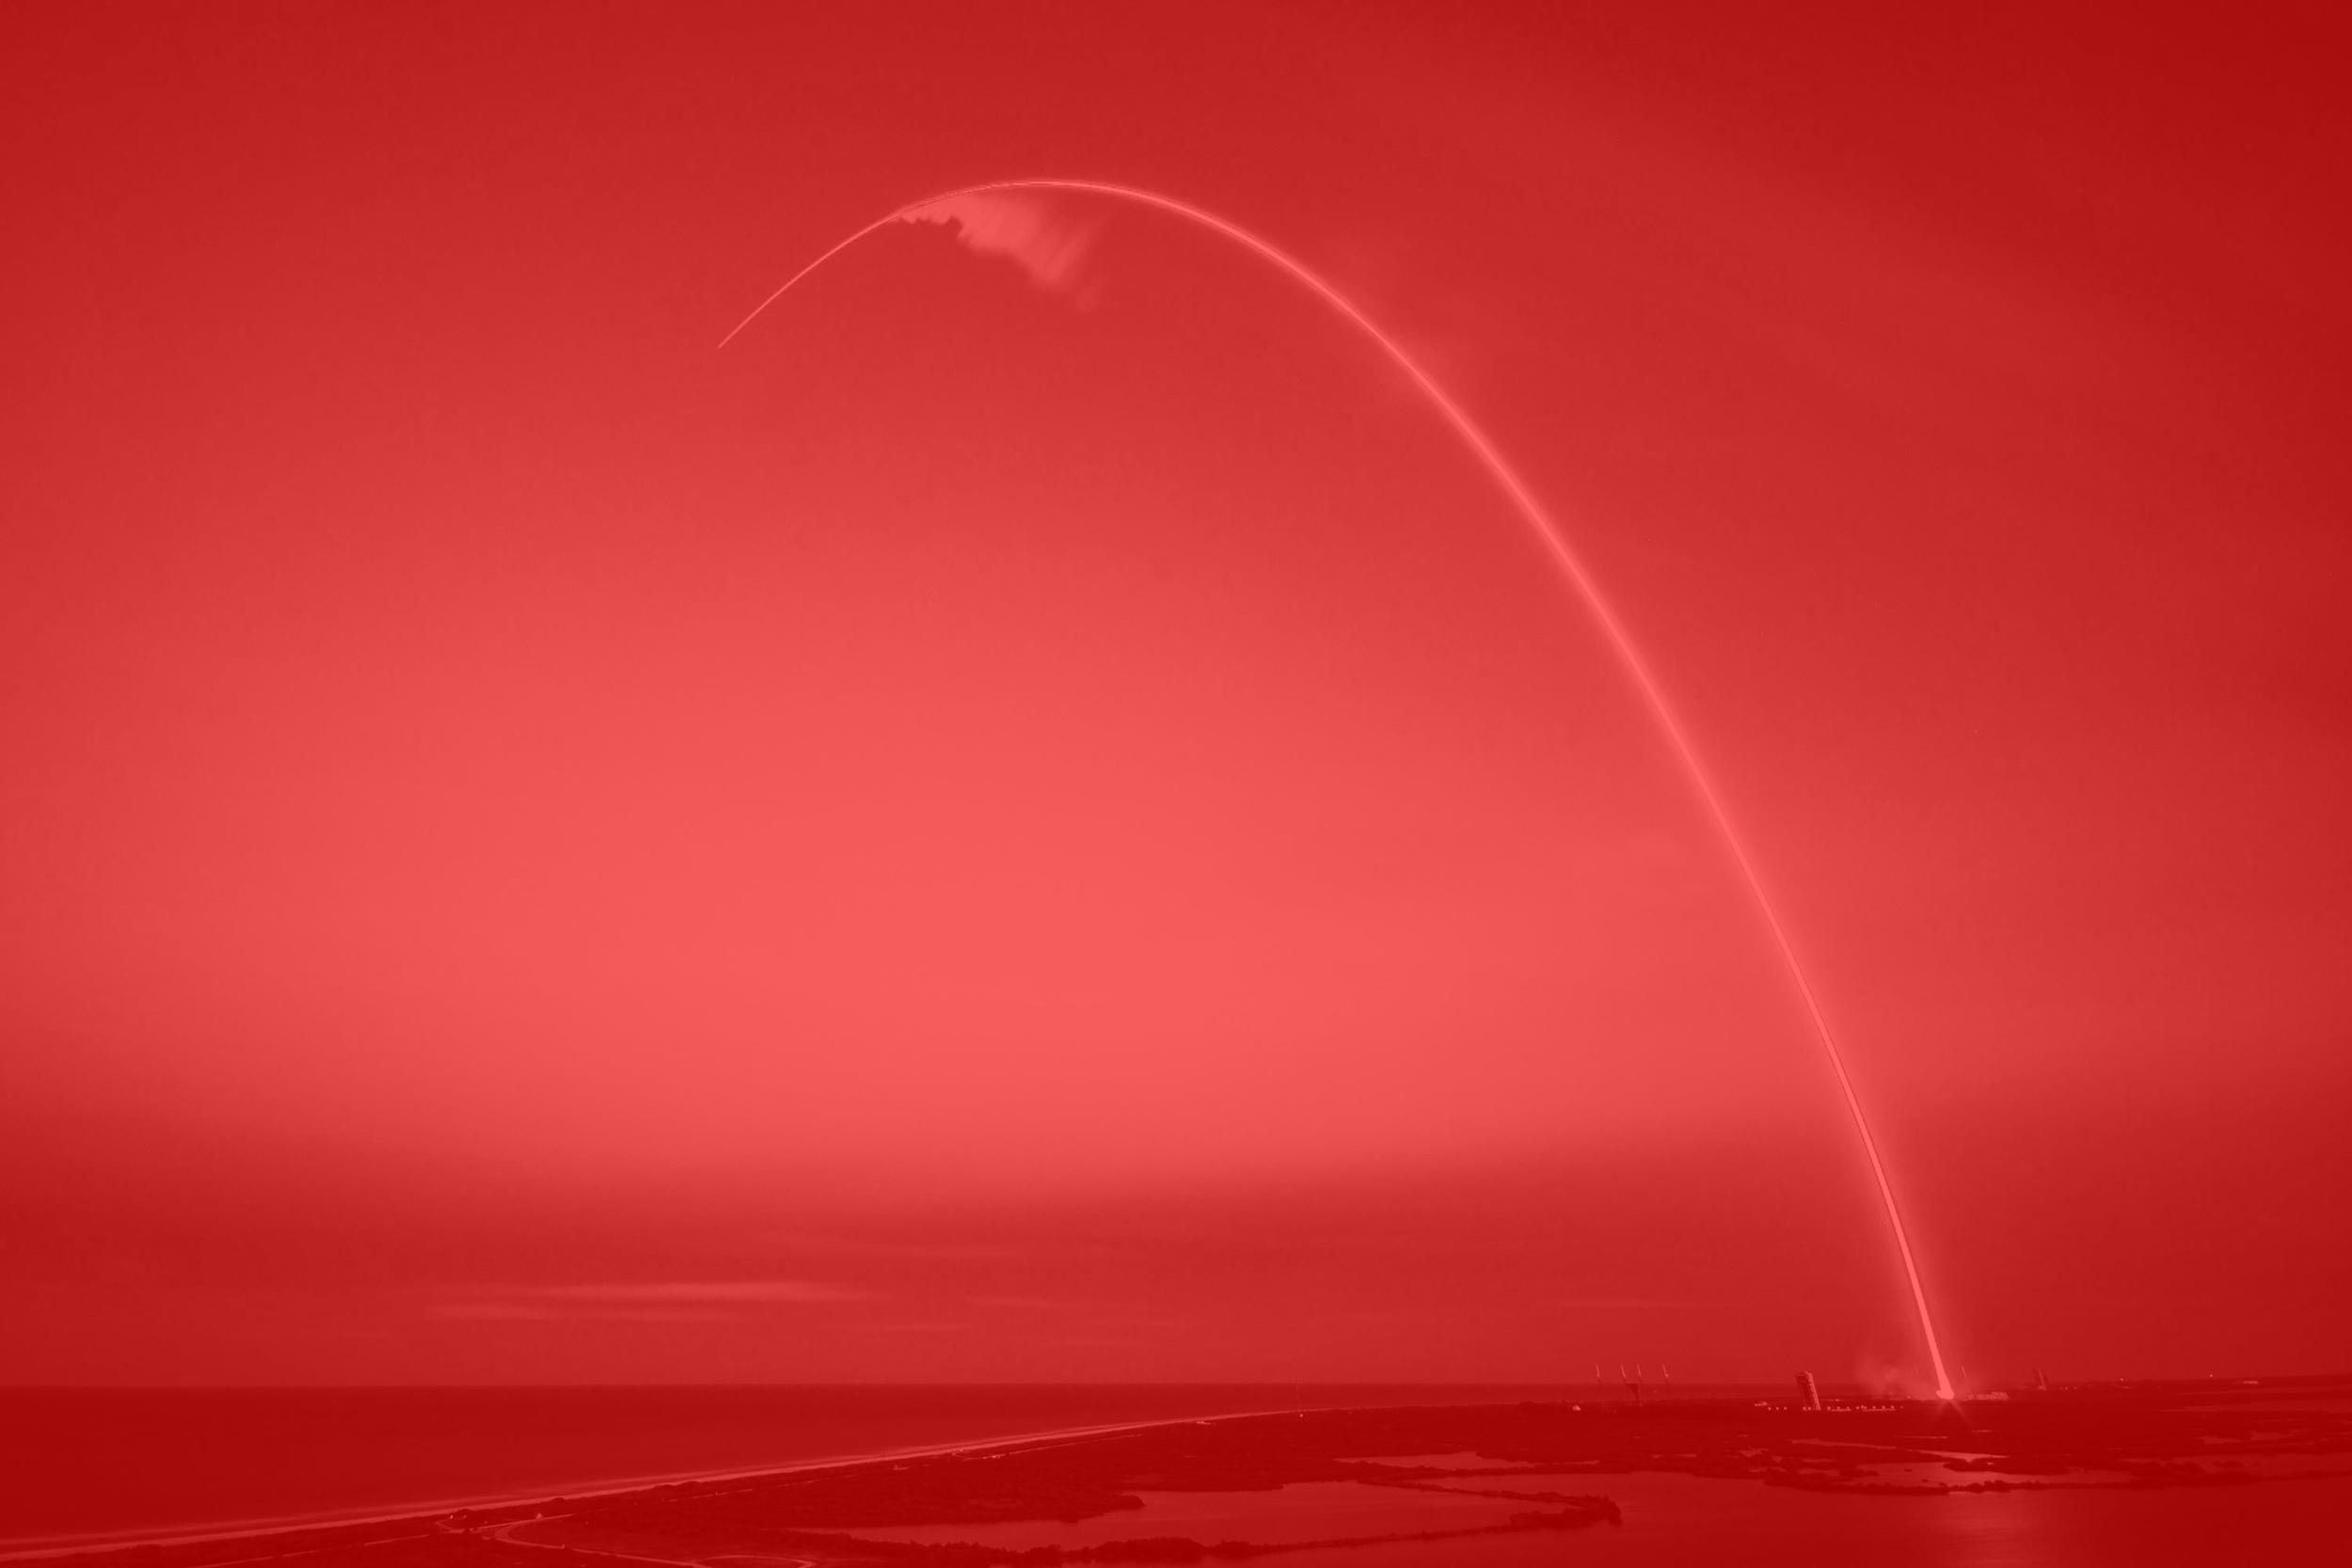 30e2ee60-b696-11ea-b4e9-0242ac110002-spacex--p-kcm6xb9i-unsplash-red copy.jpg